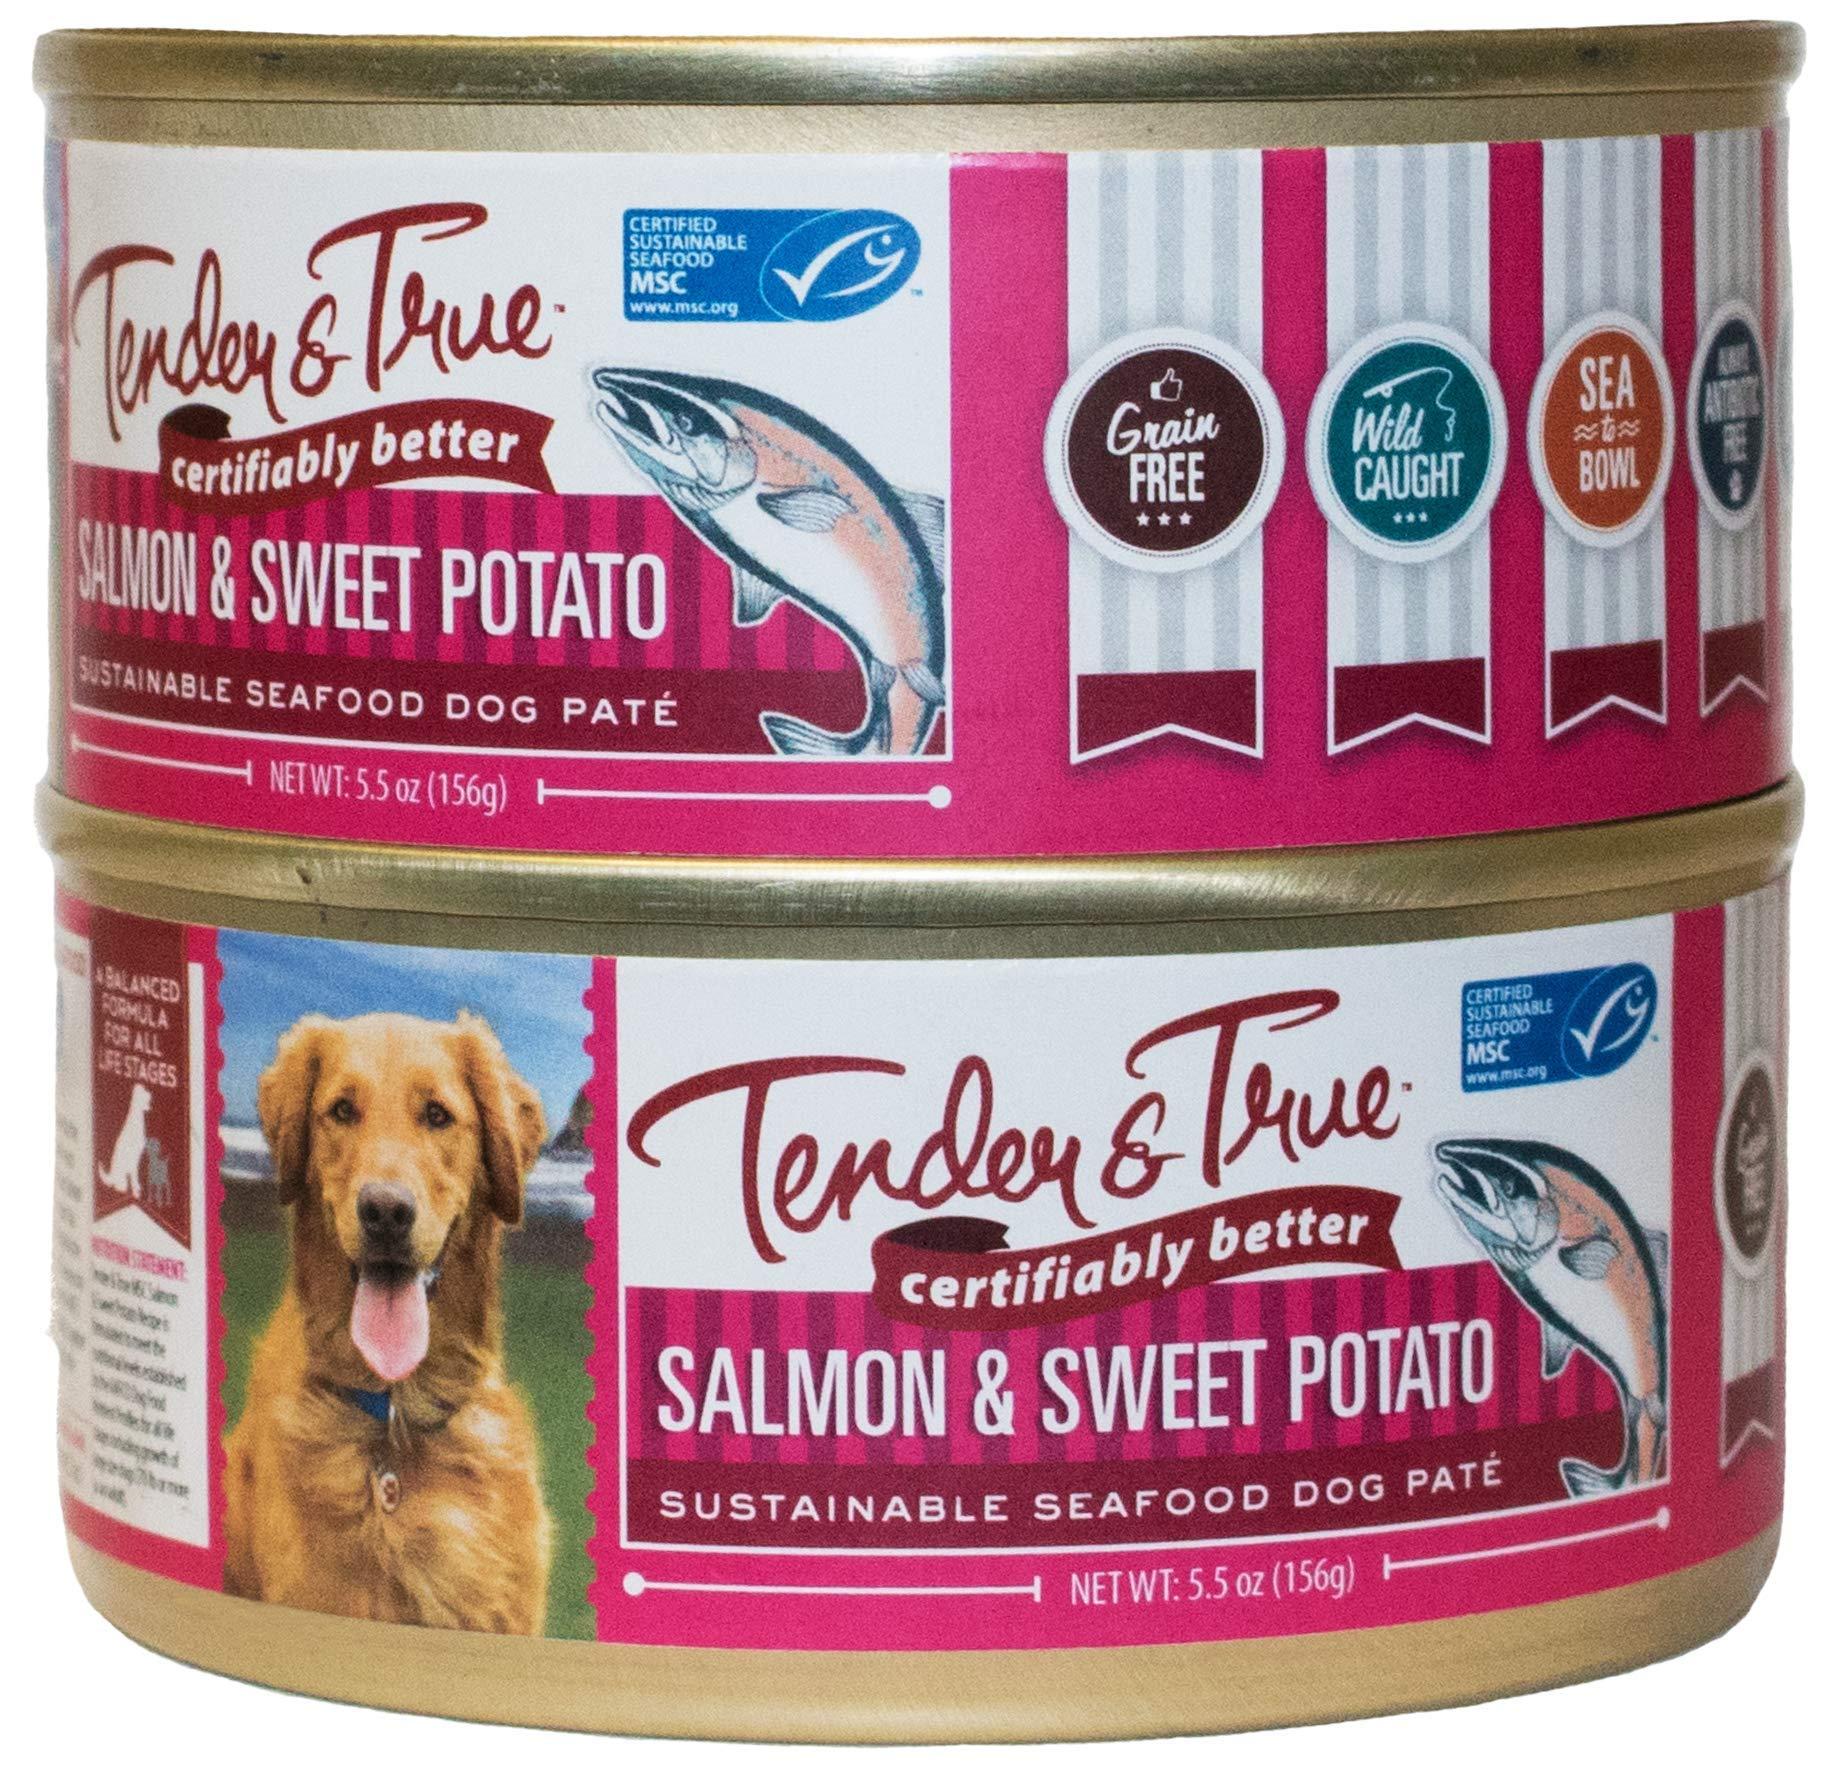 Tender & True Salmon & Sweet Potato Recipe Canned Dog Food, 5.5 oz, Case of 24 by Tender & True Pet Nutrition